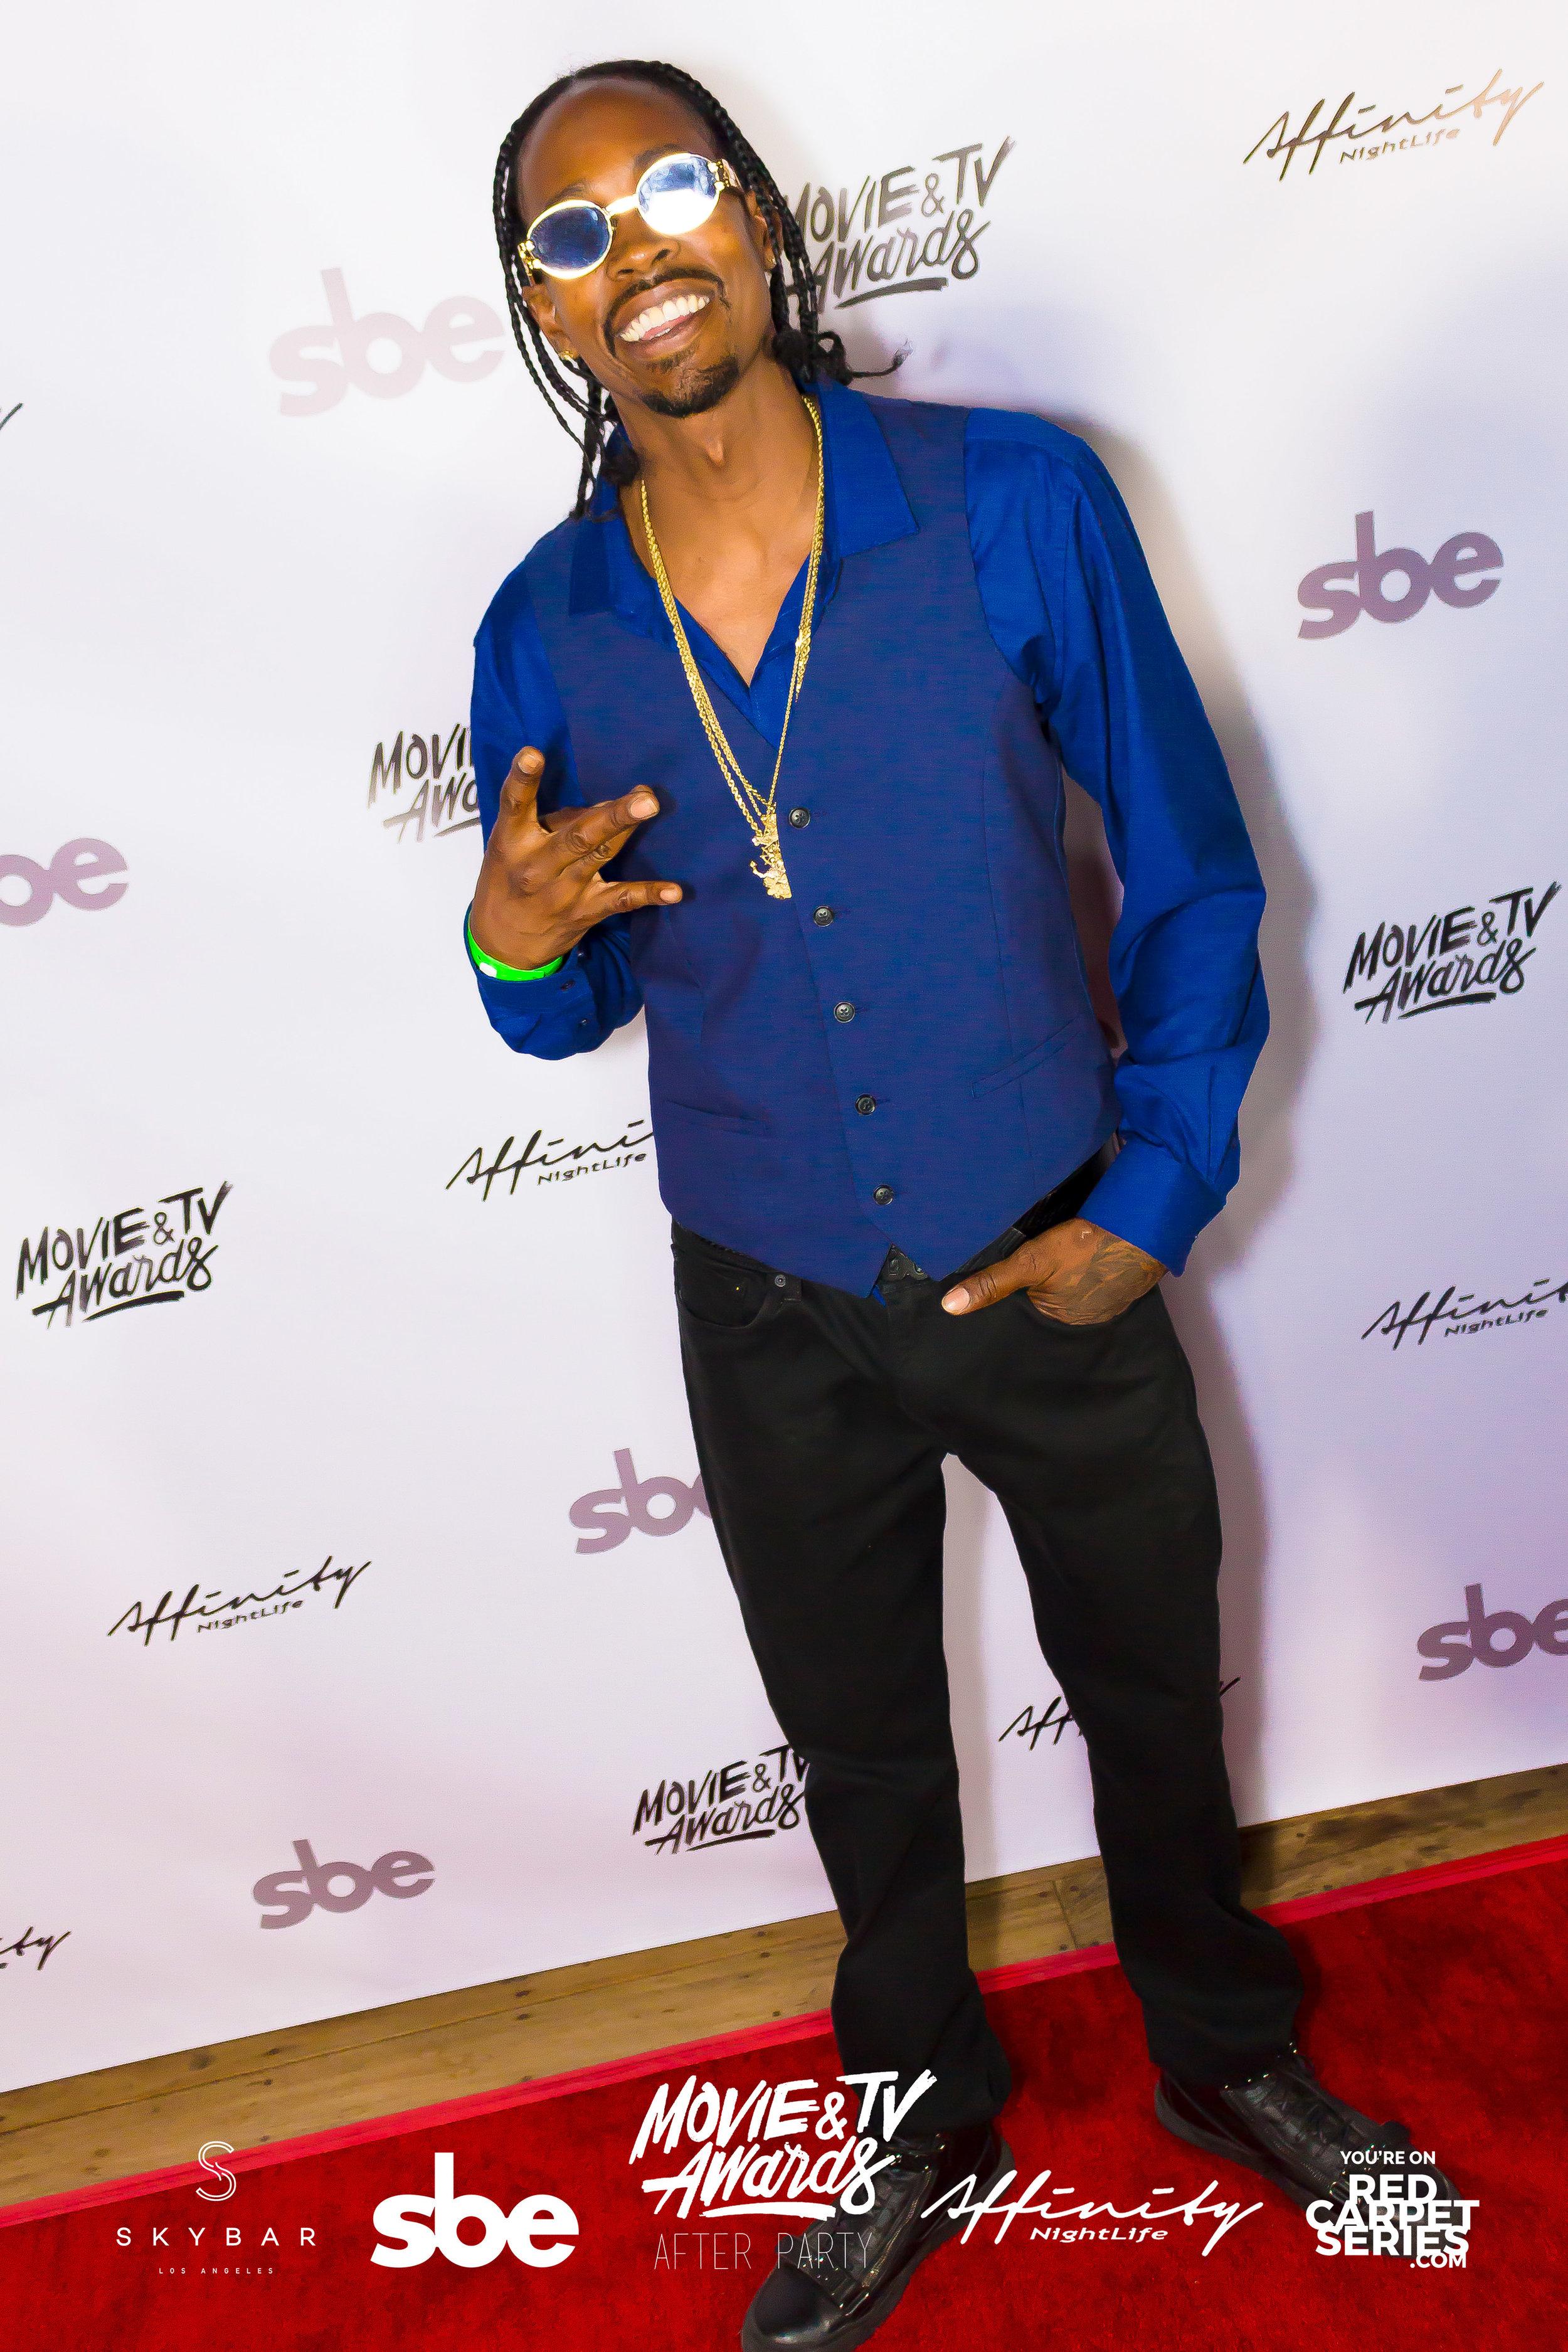 Affinity Nightlife MTV Movie & TV Awards After Party - Skybar at Mondrian - 06-15-19 - Vol. 1_107.jpg